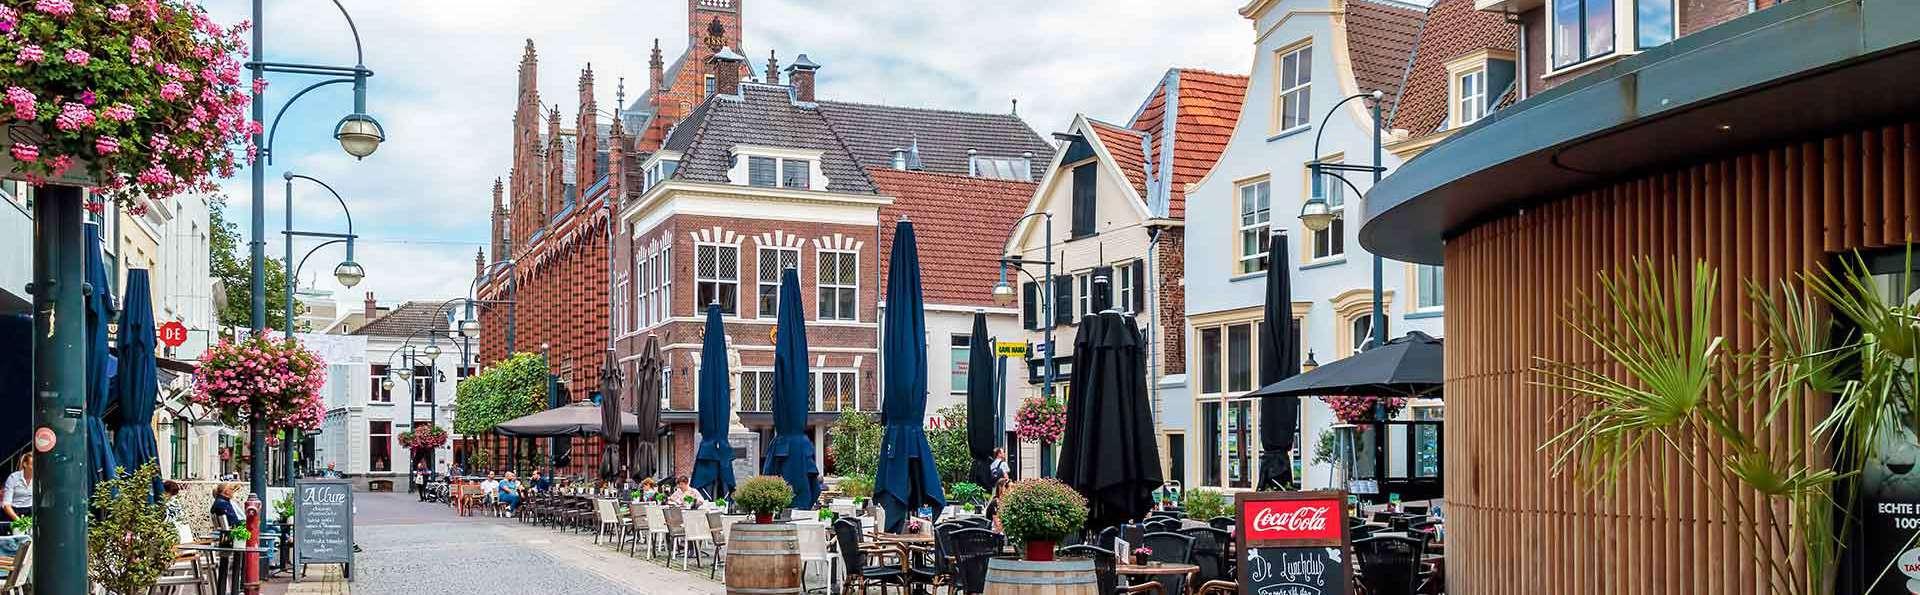 Bien-être & détente à Arnhem et au cœur des paysages du Veluwe